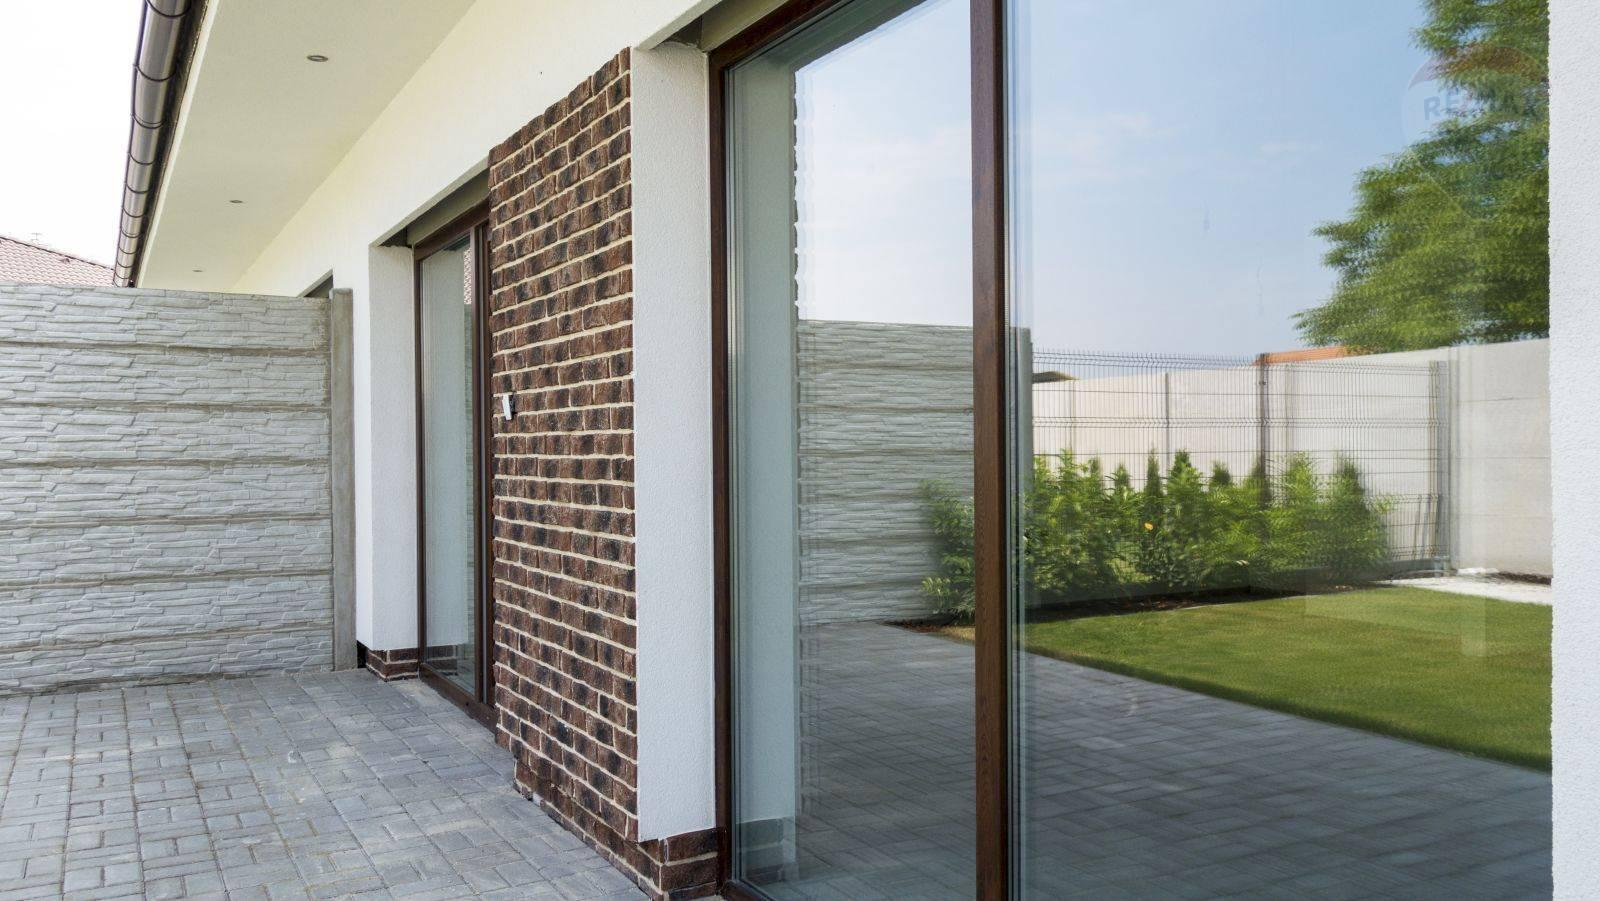 Predaj domu 100 m2, Šamorín - Rodinný dom Mliečno